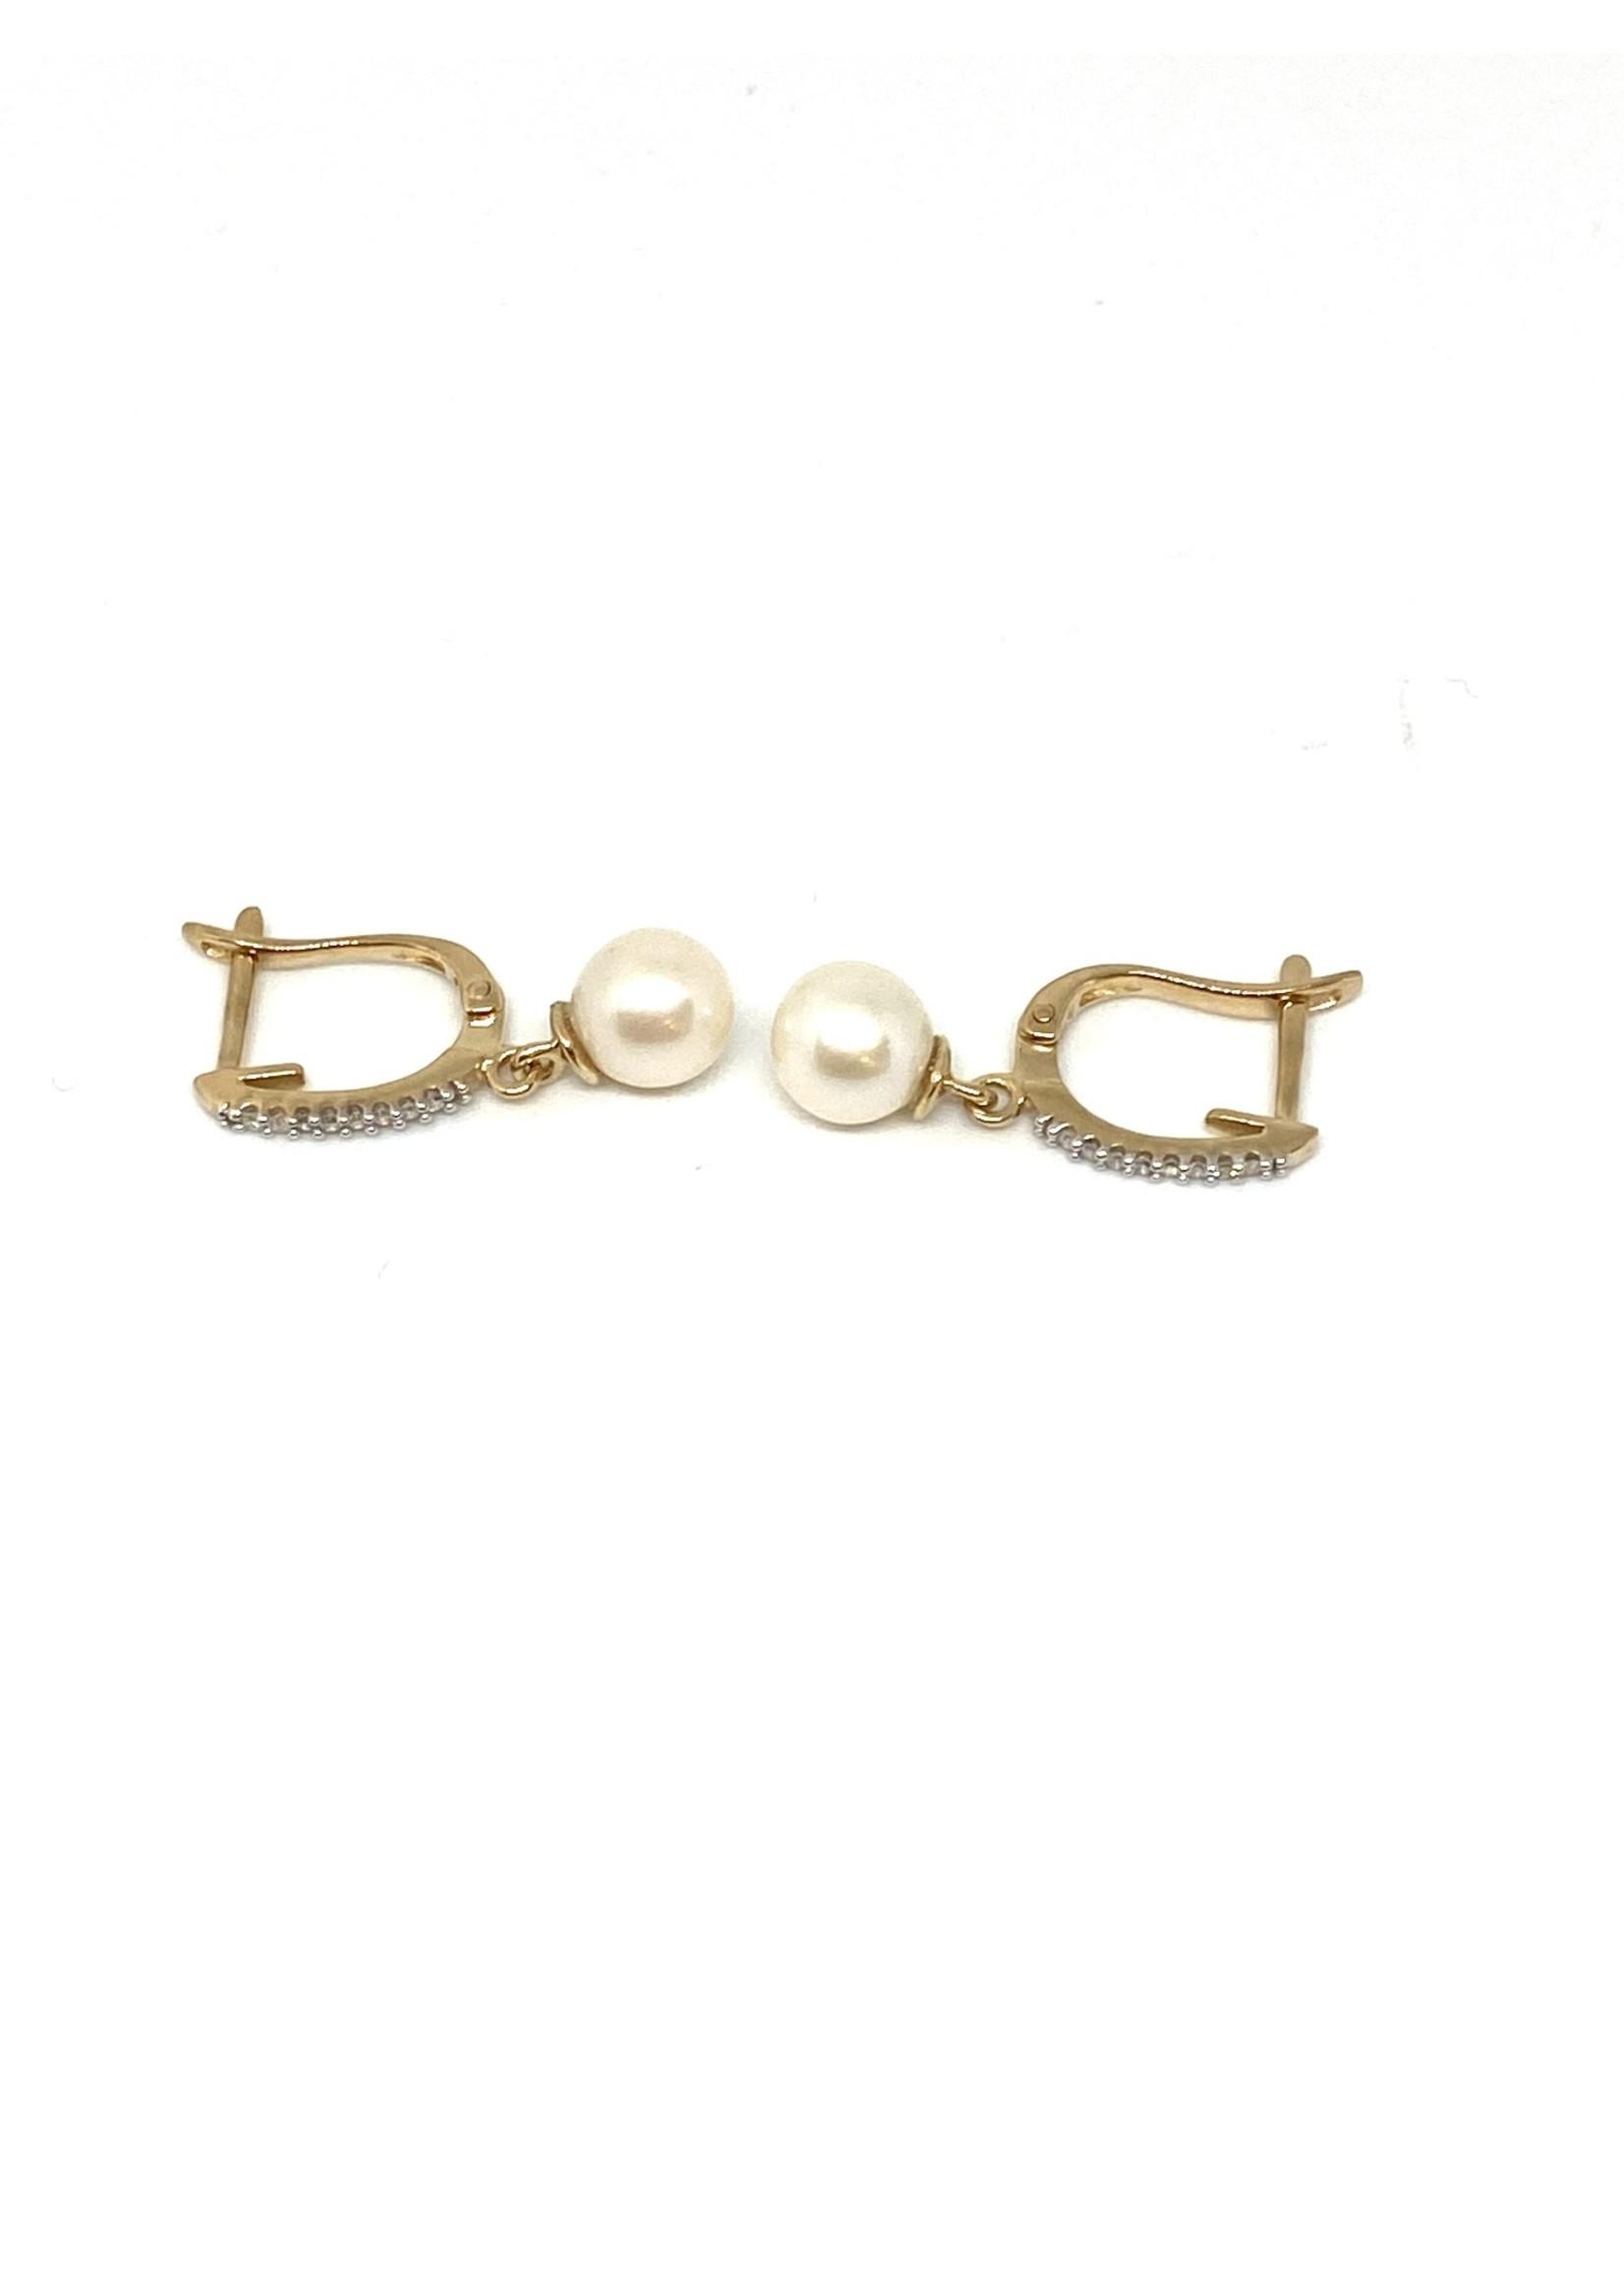 PARÉ Boucles d'oreilles Perles avec Diamants Or 10K